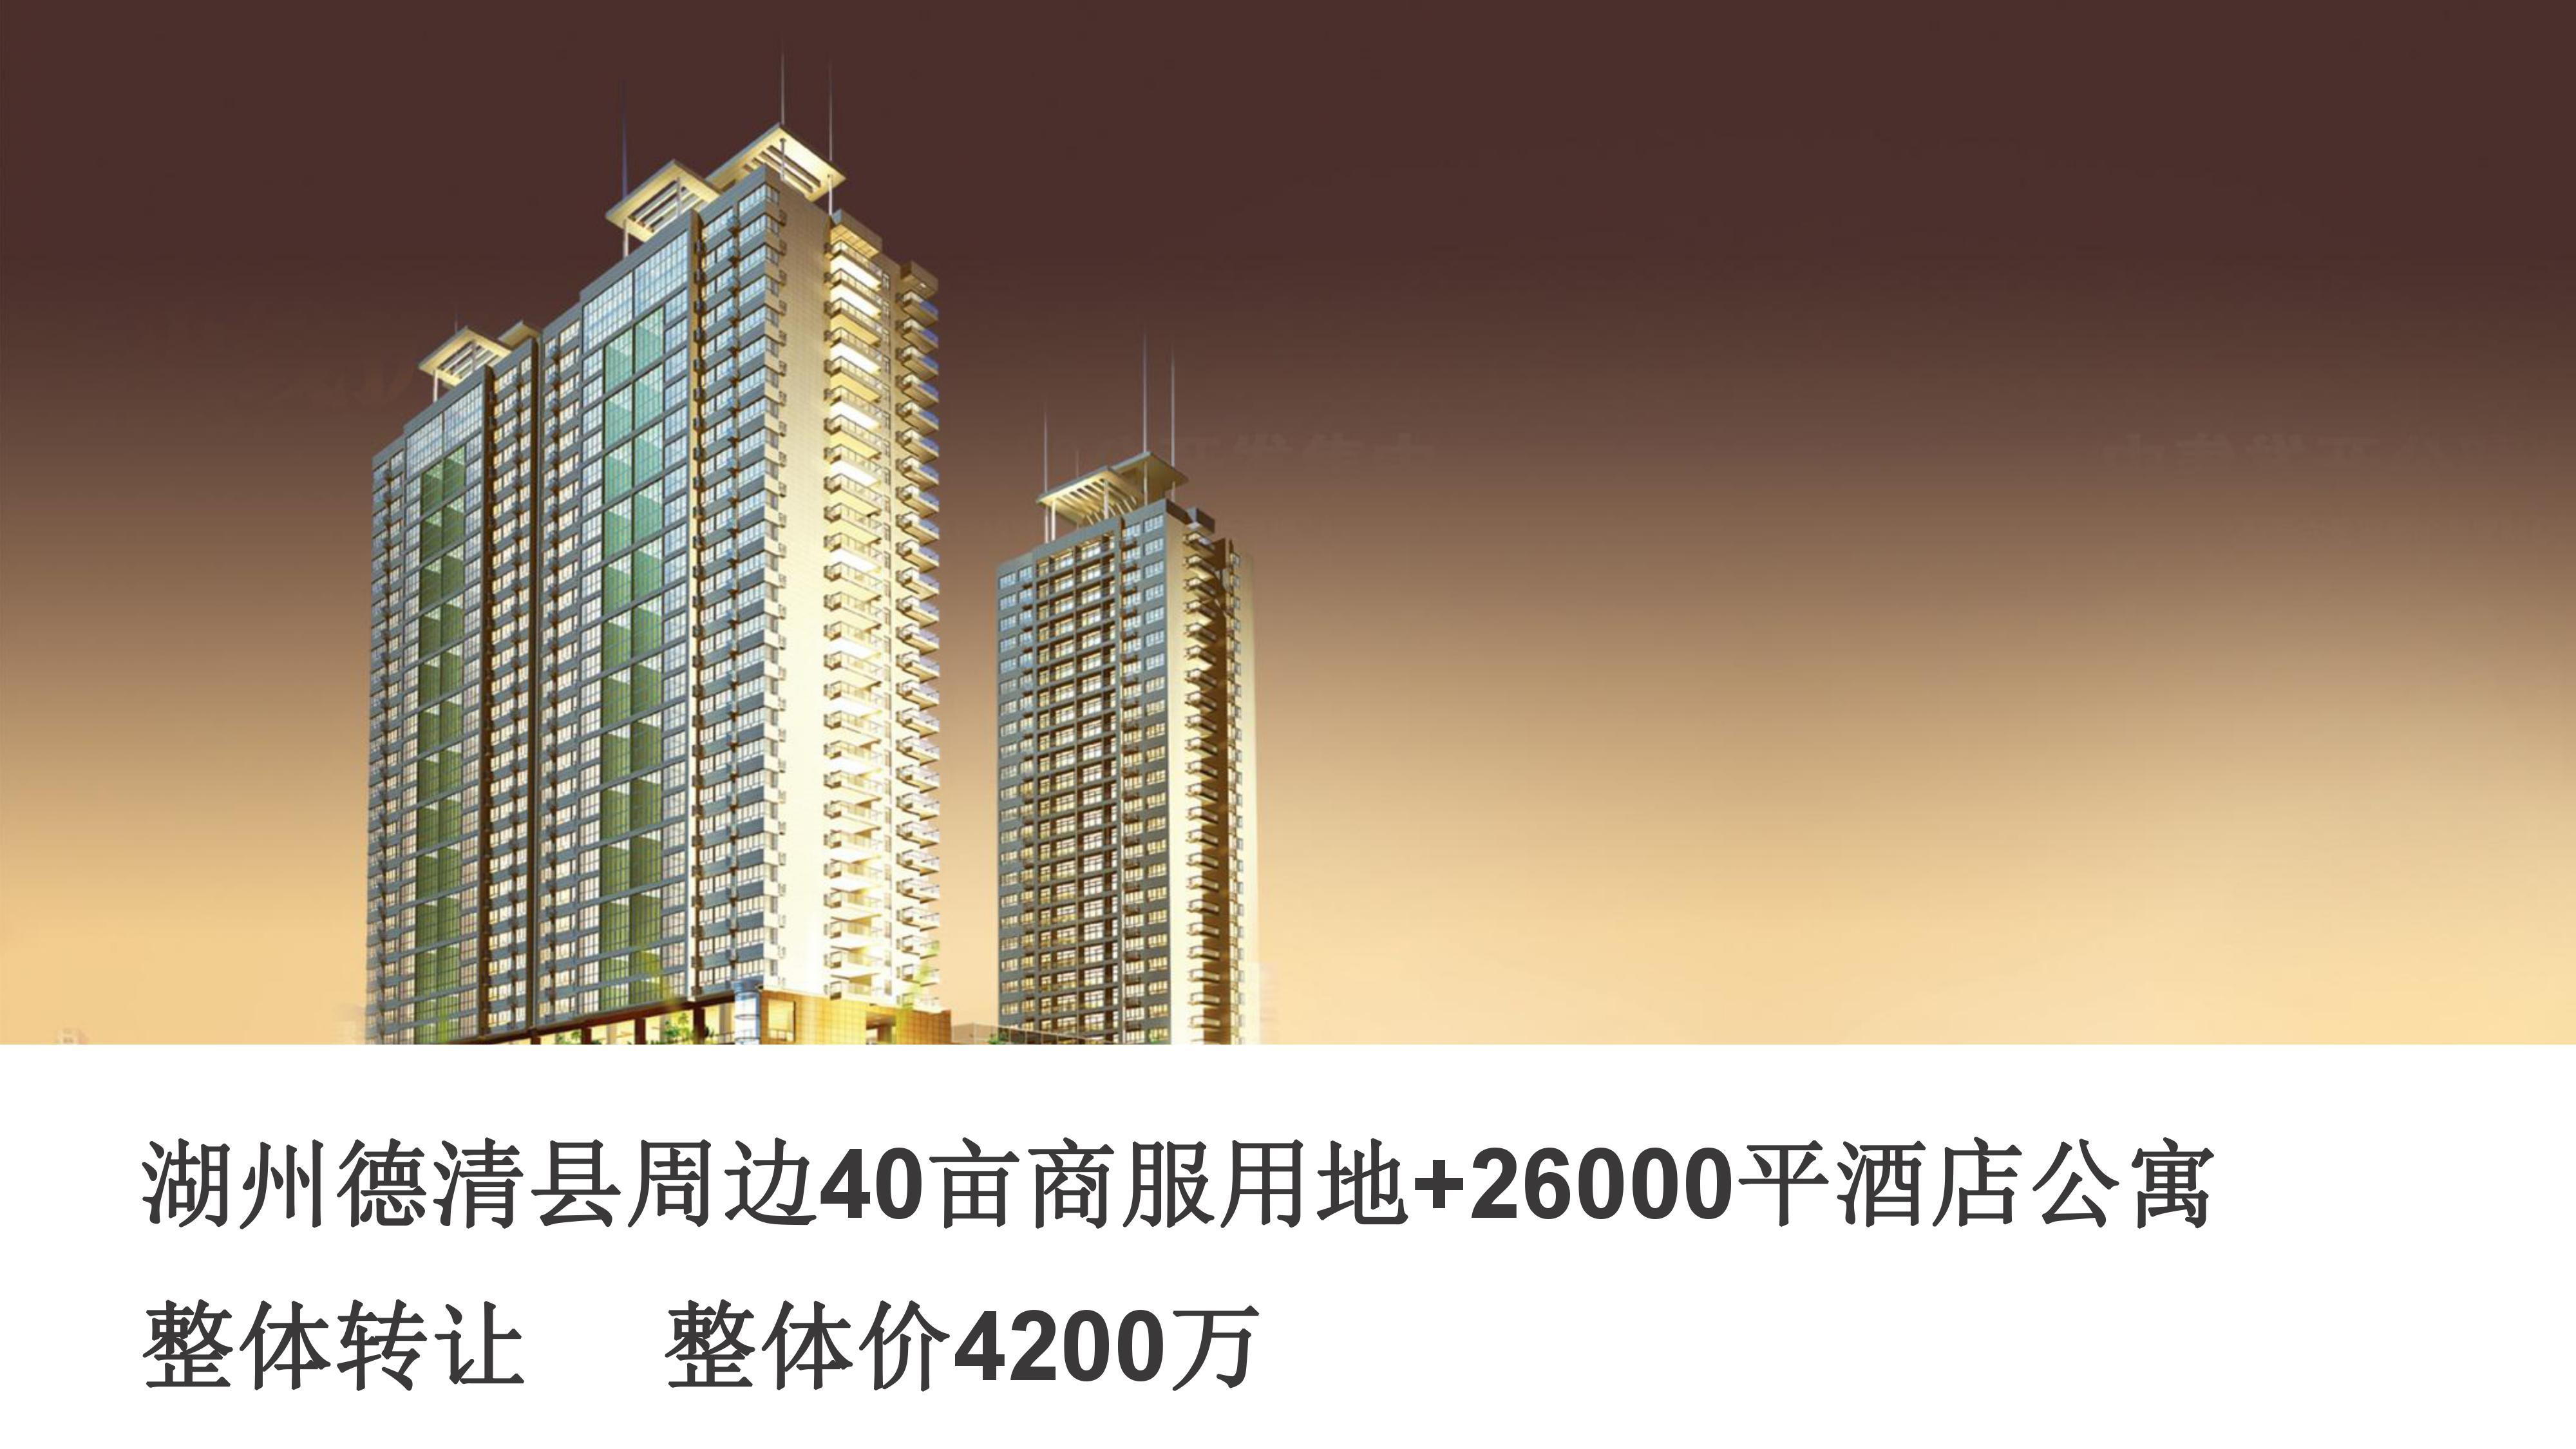 G1602 湖州德清县周边40亩商服用地+26000平酒店公寓整体转让     整体价4200万